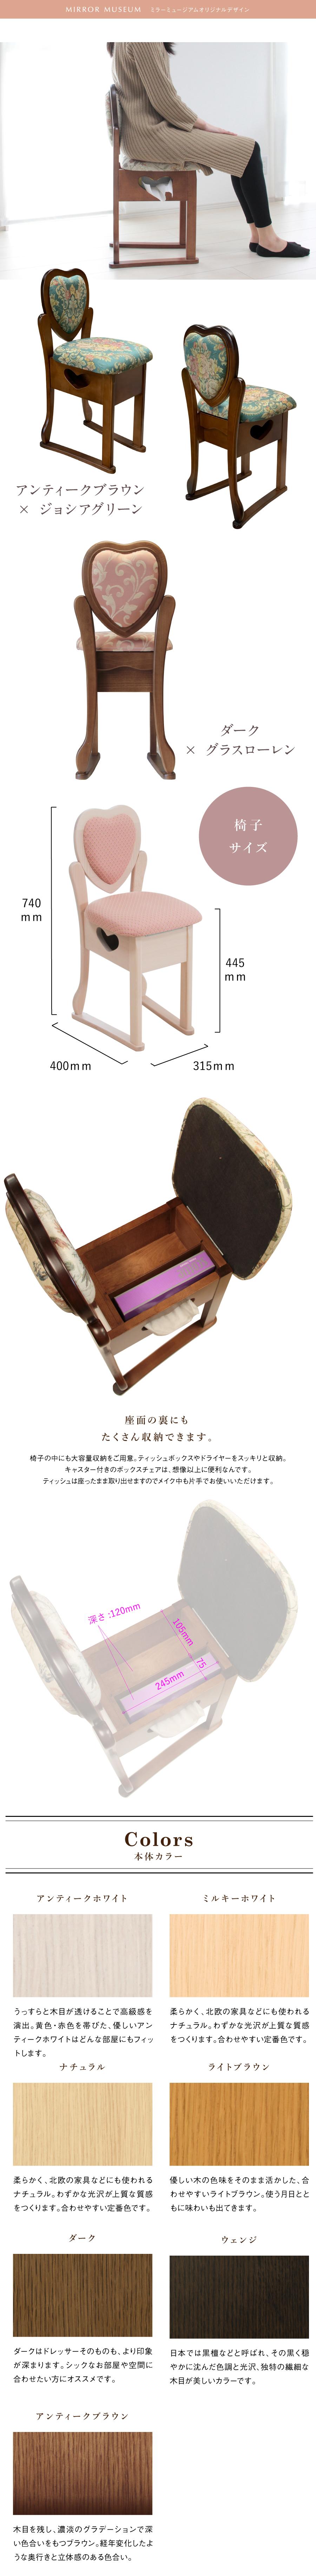 ドレッサーチェア椅子ハートラブ